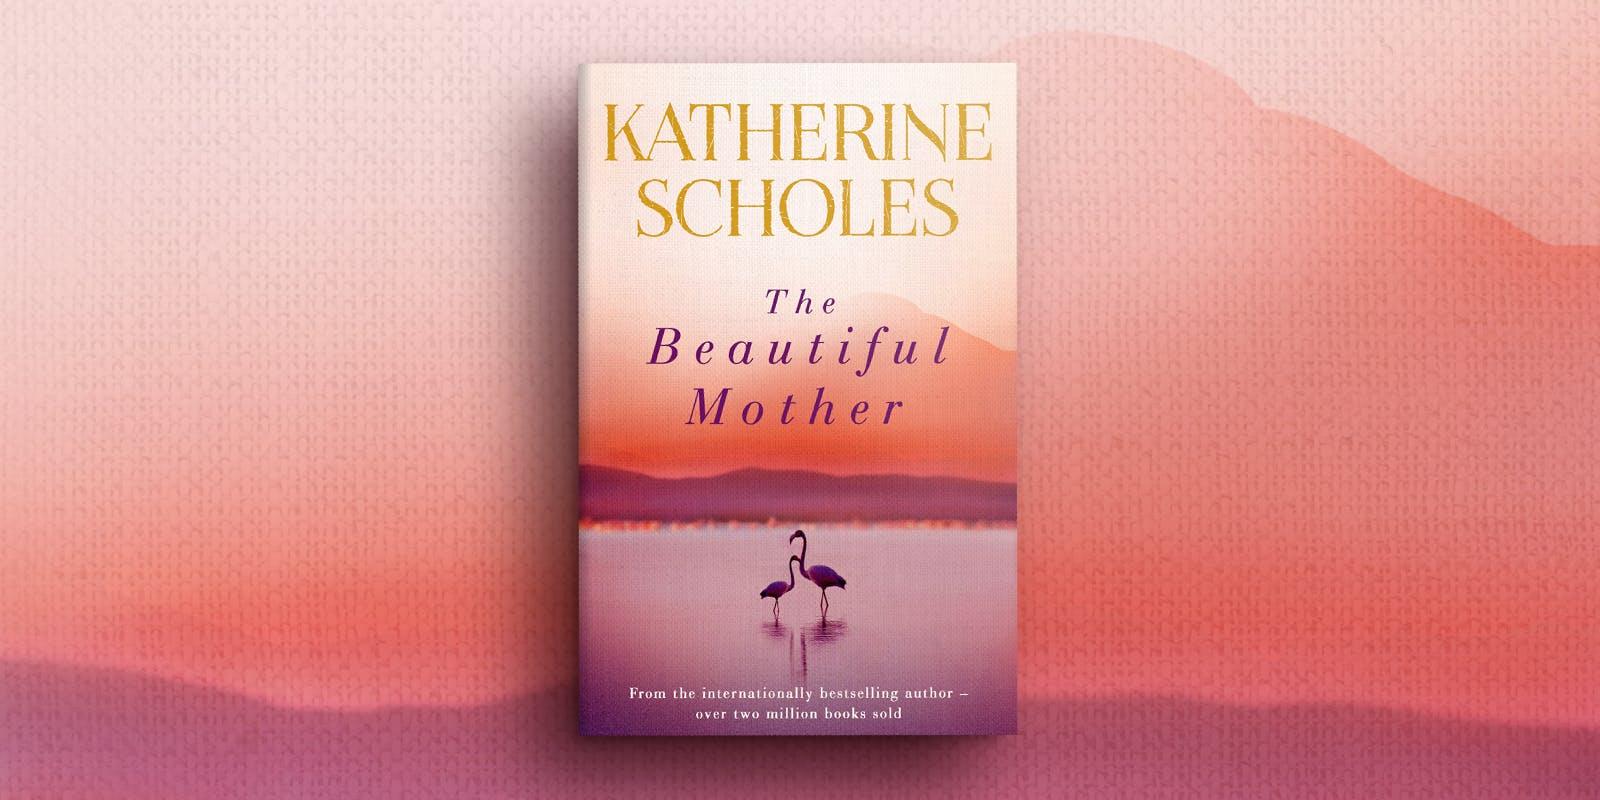 Katherine Scholes Q&A